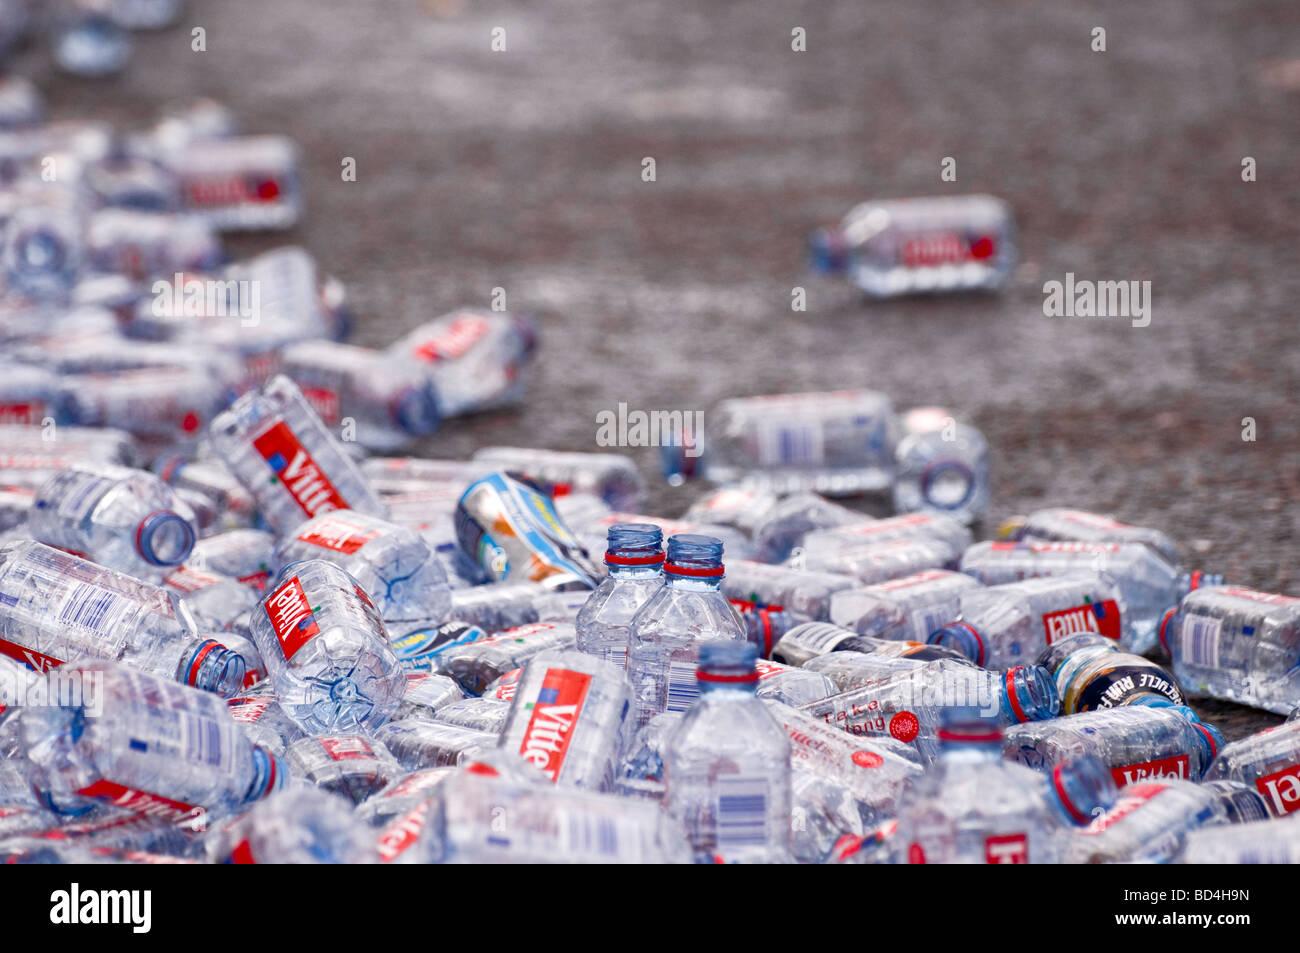 Scartato bottiglie di acqua minerale dopo la maratona di Londra Immagini Stock